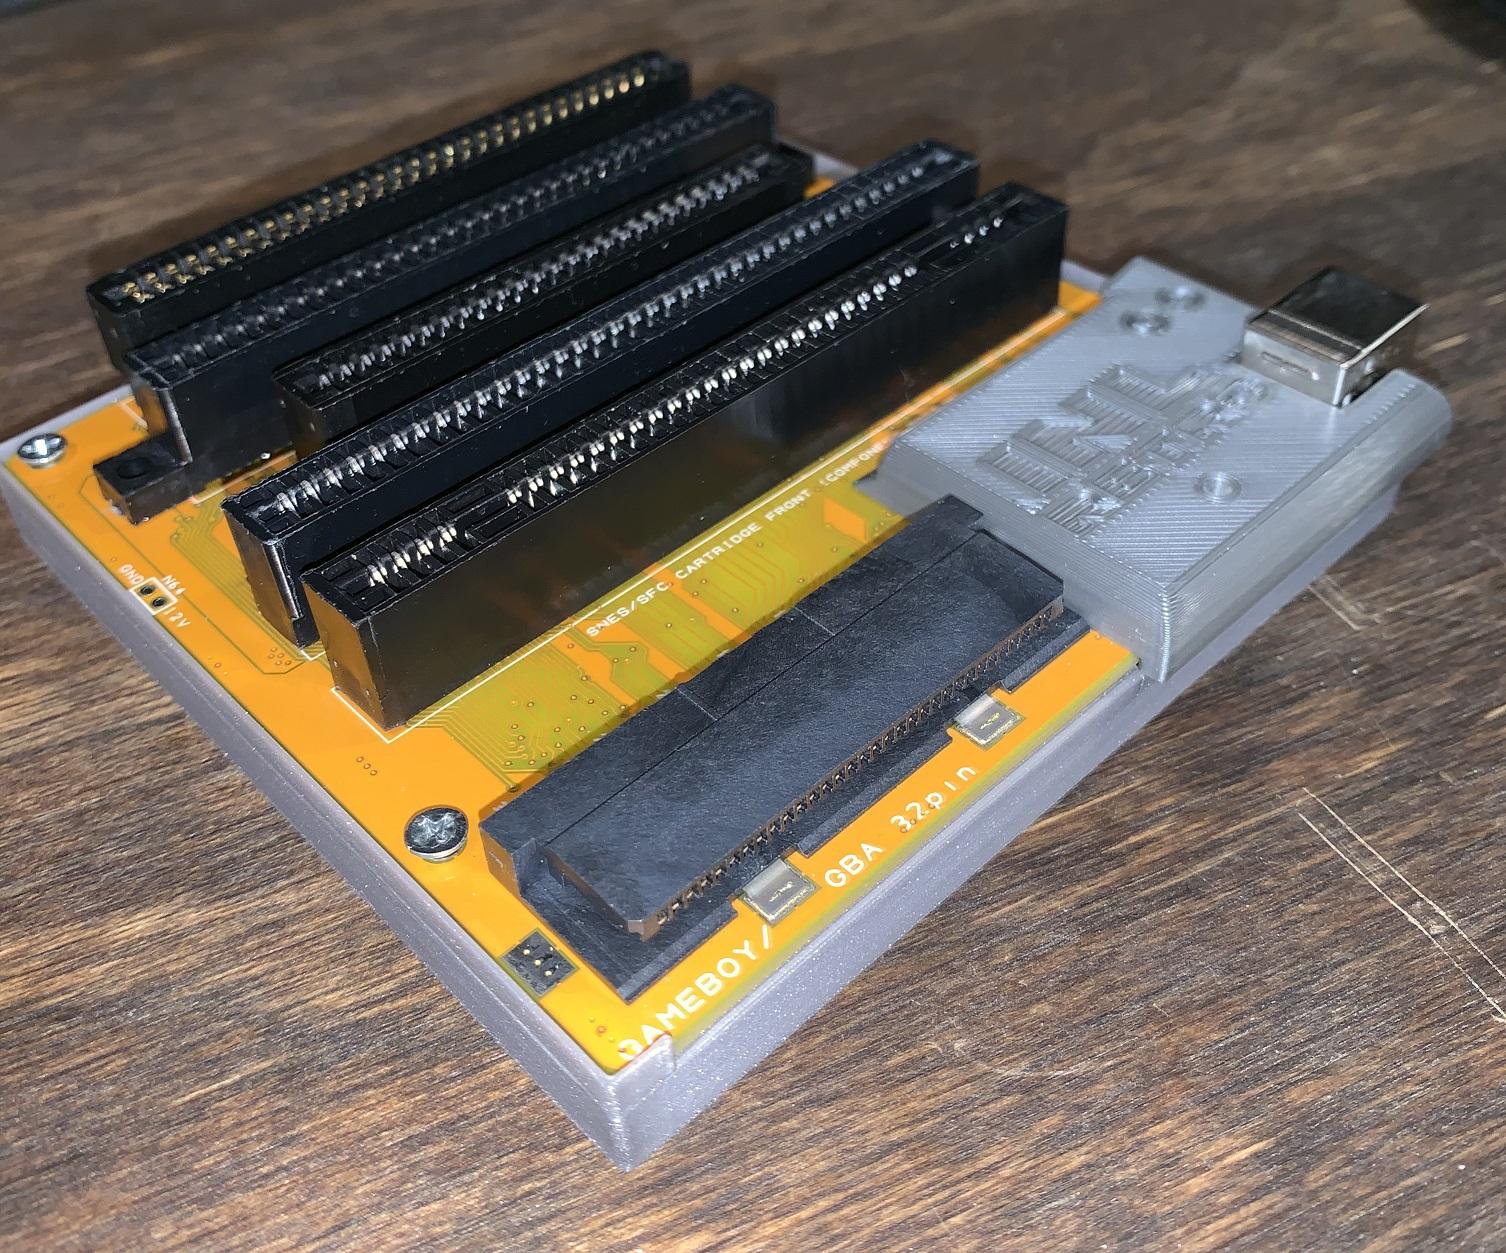 Unofficial INLretro Dumper-Programmer Case Released